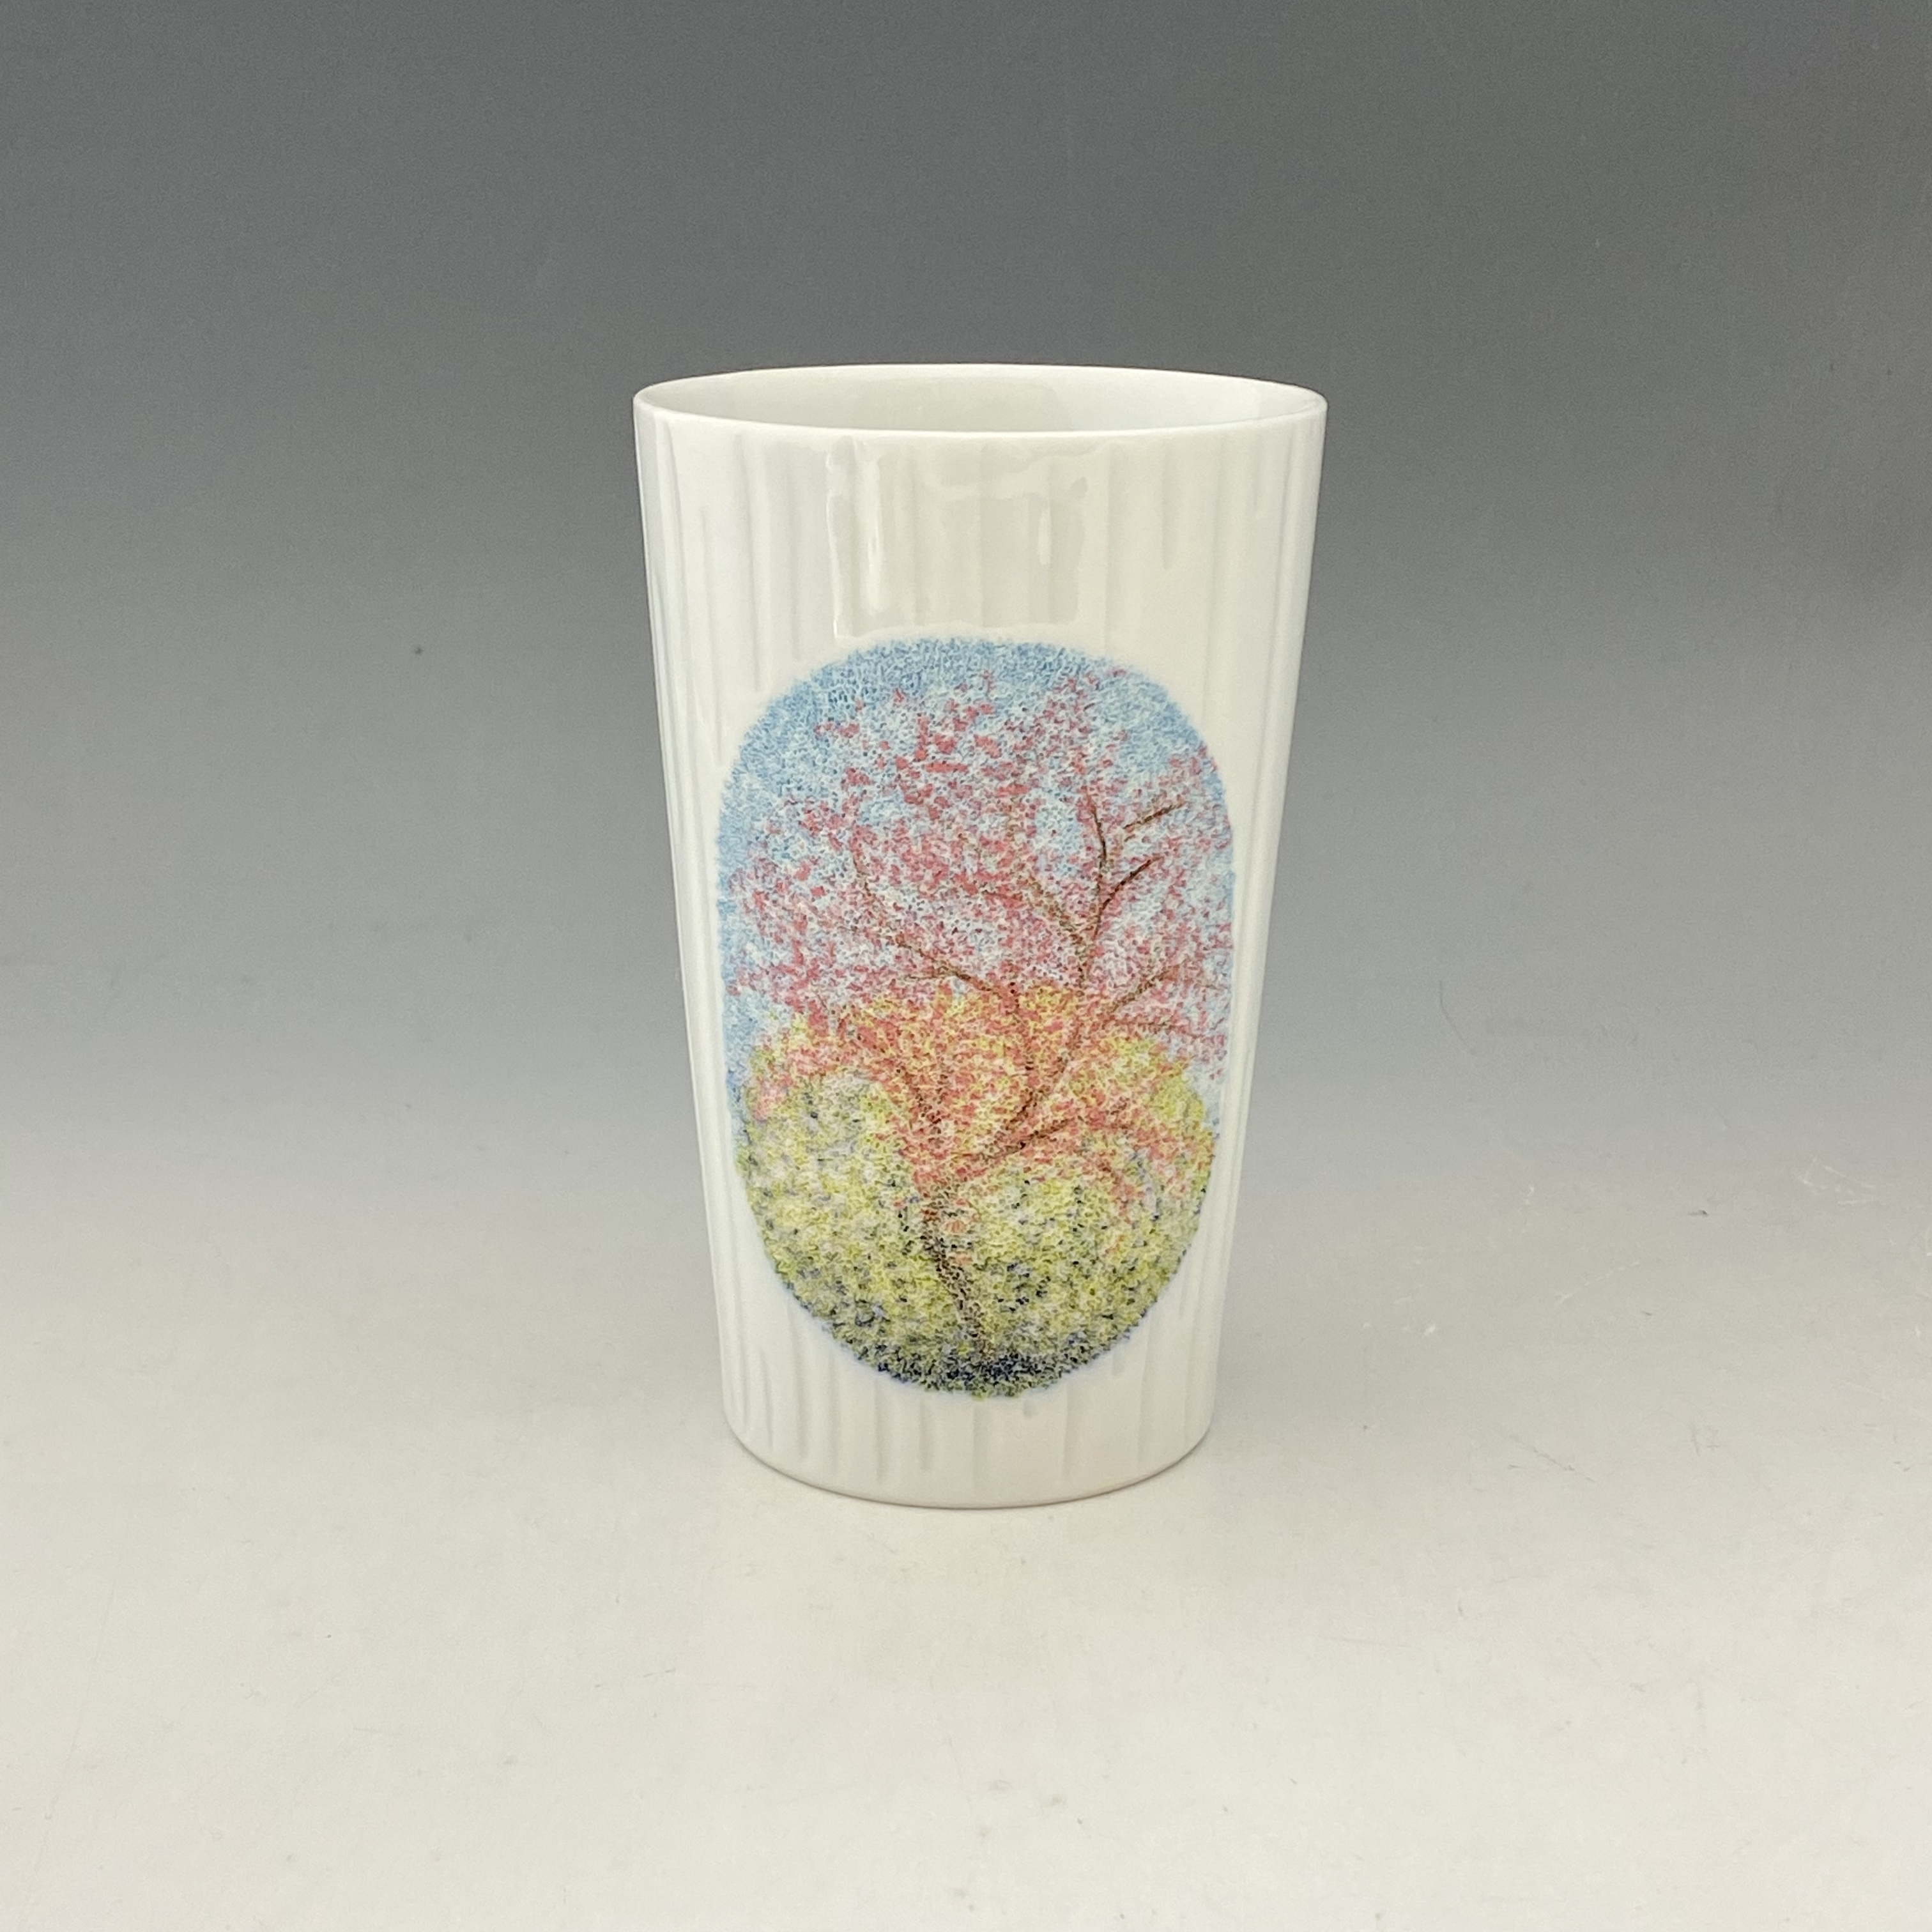 【中尾恭純】点刻象嵌線彫フリーカップ(桜)